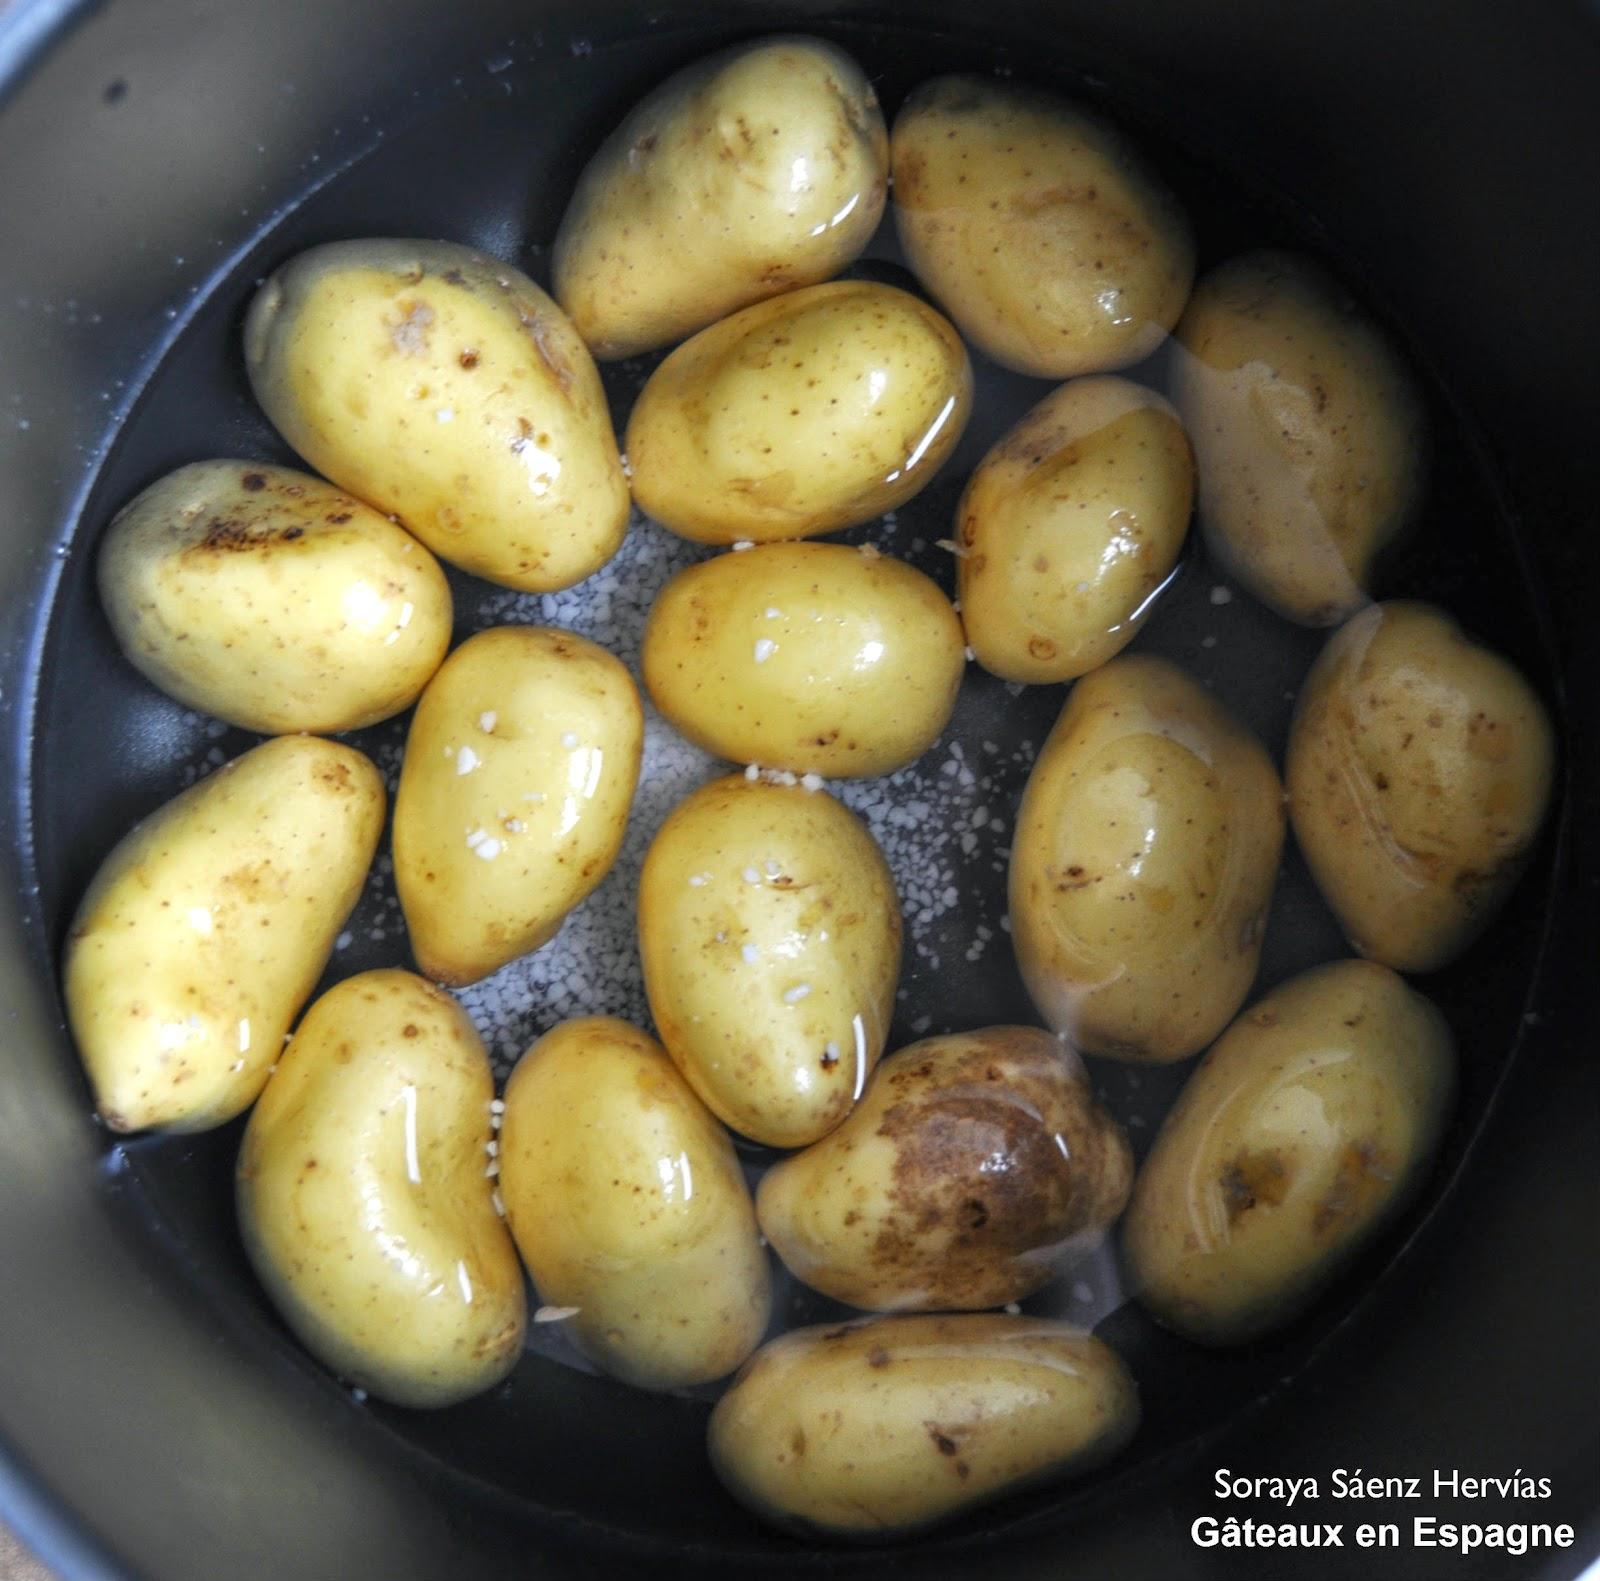 GÂTEAUX EN ESPAGNE: Recette de pommes terre au gros sel et